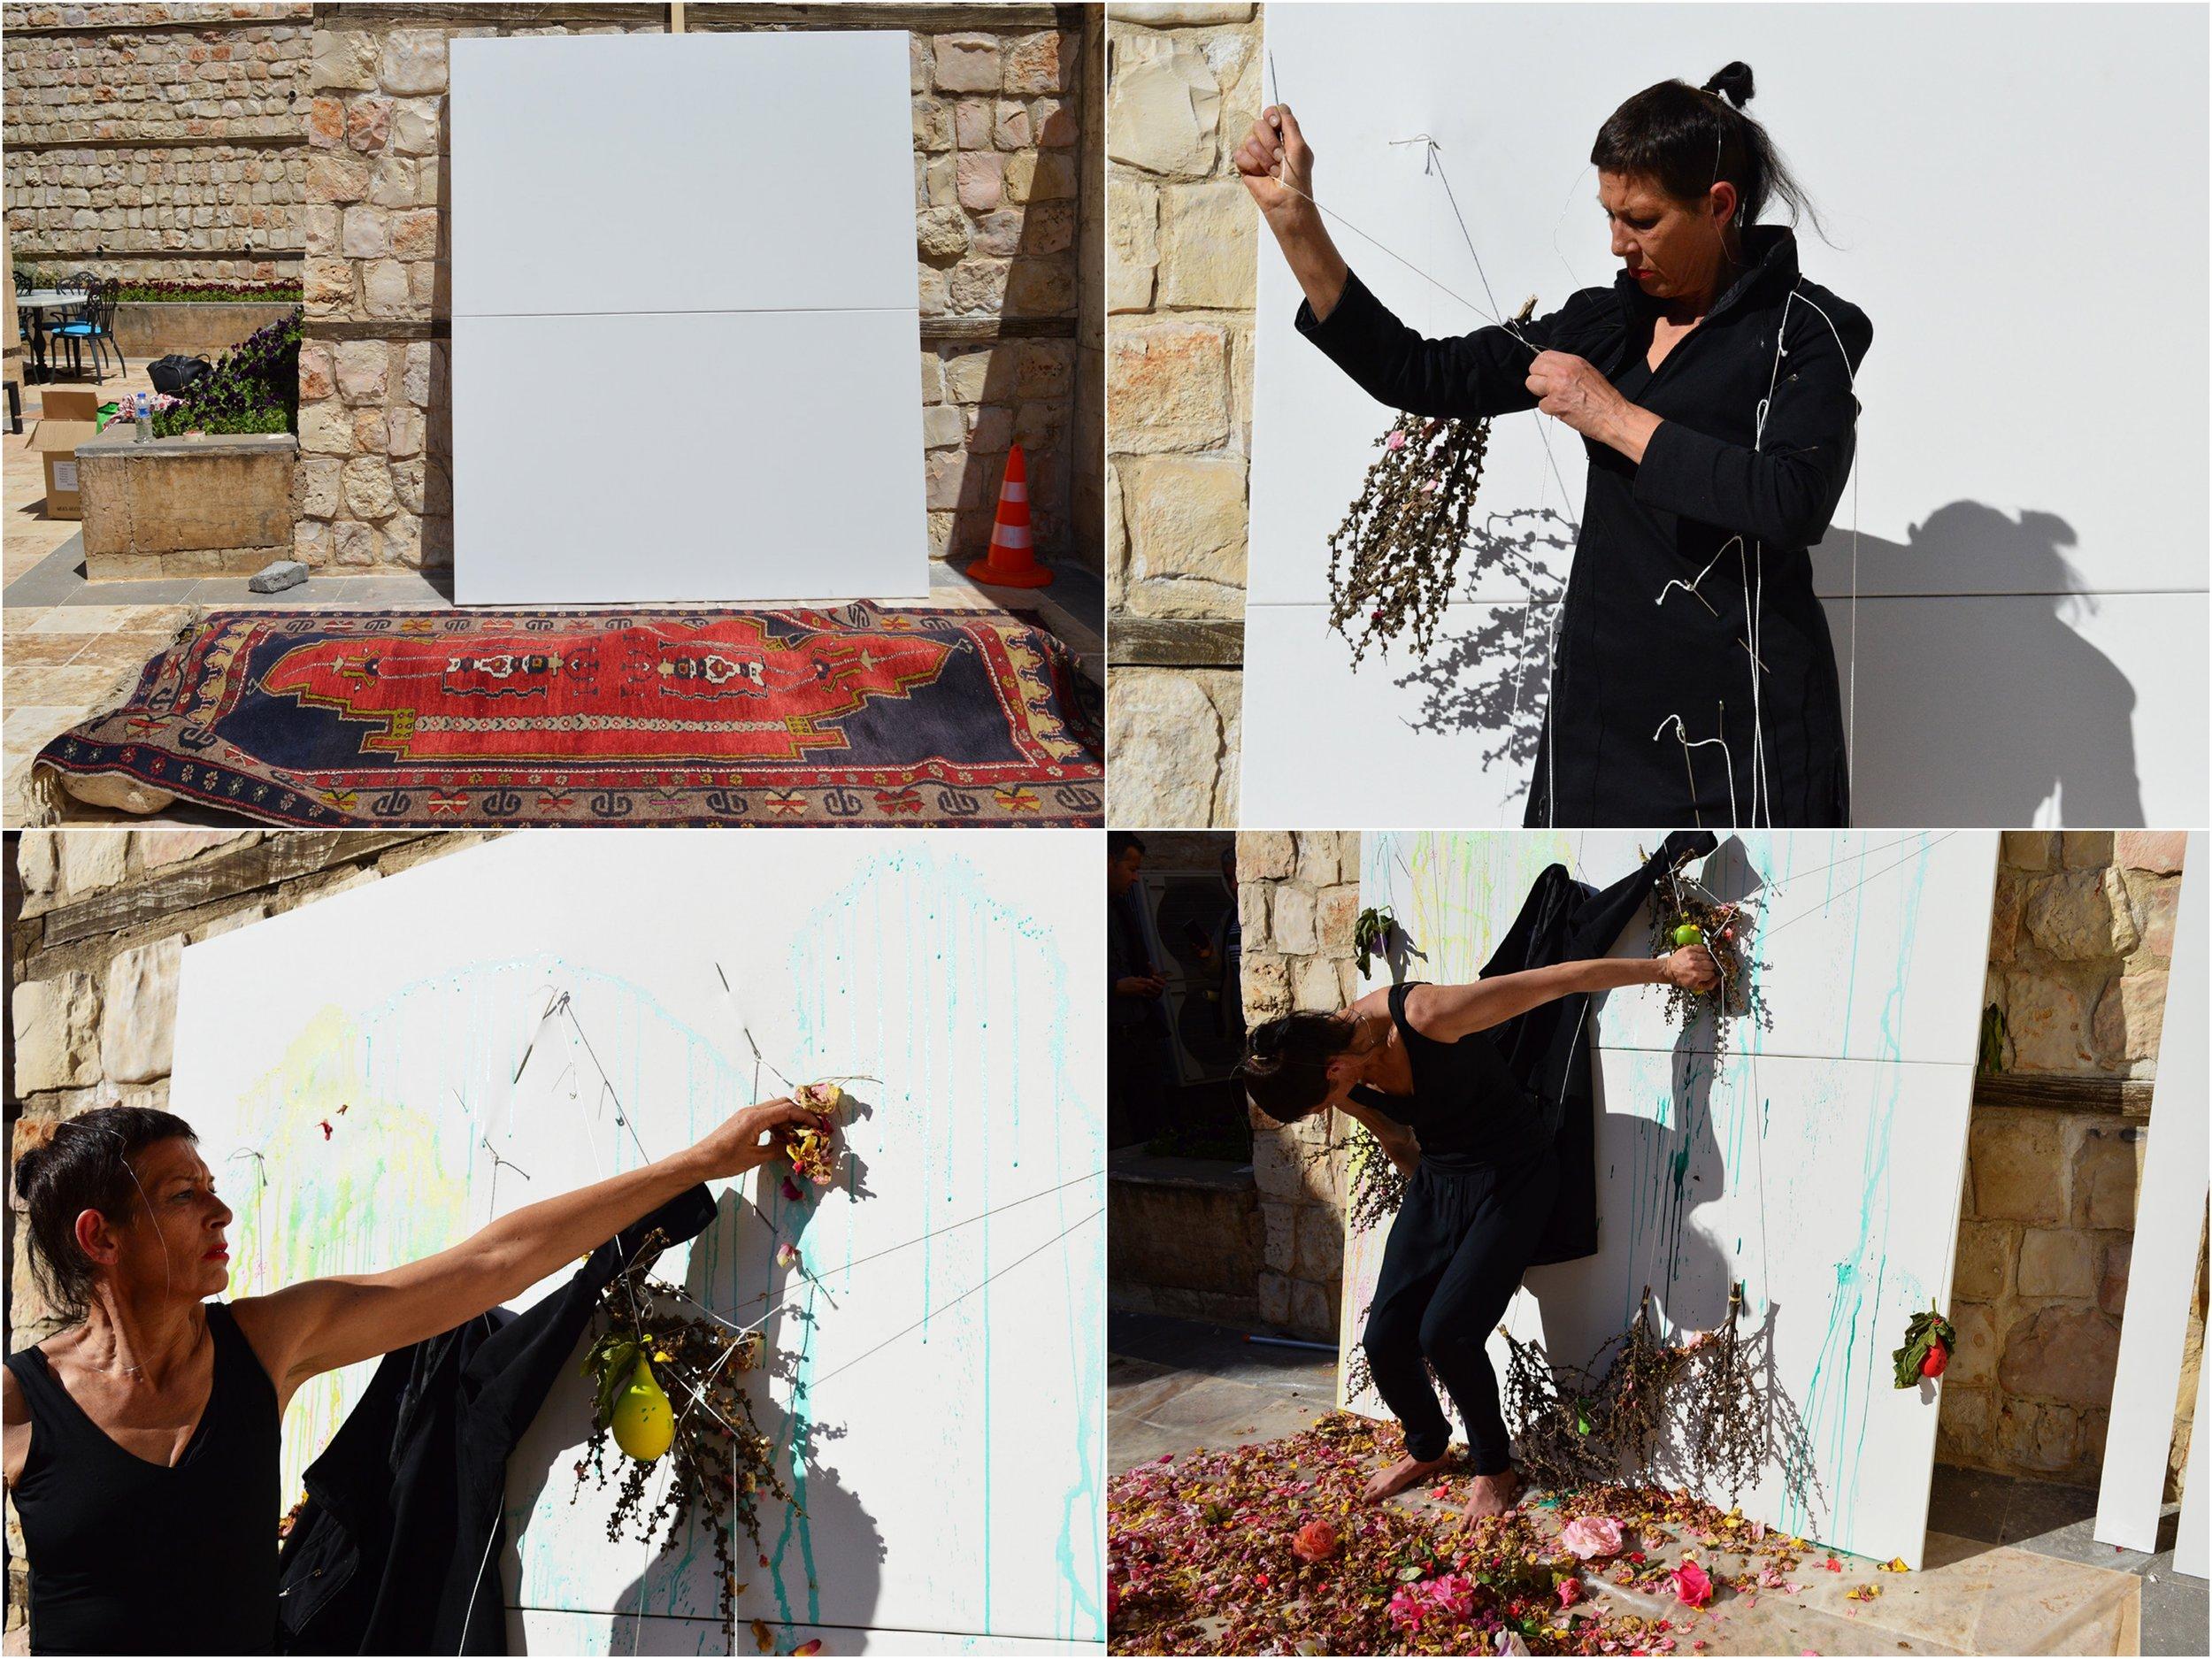 Live Performance - Bestow - , Adiyaman,  Galerie Keles Konagi , Turkey 2018 photographed by Sarah Strassmann